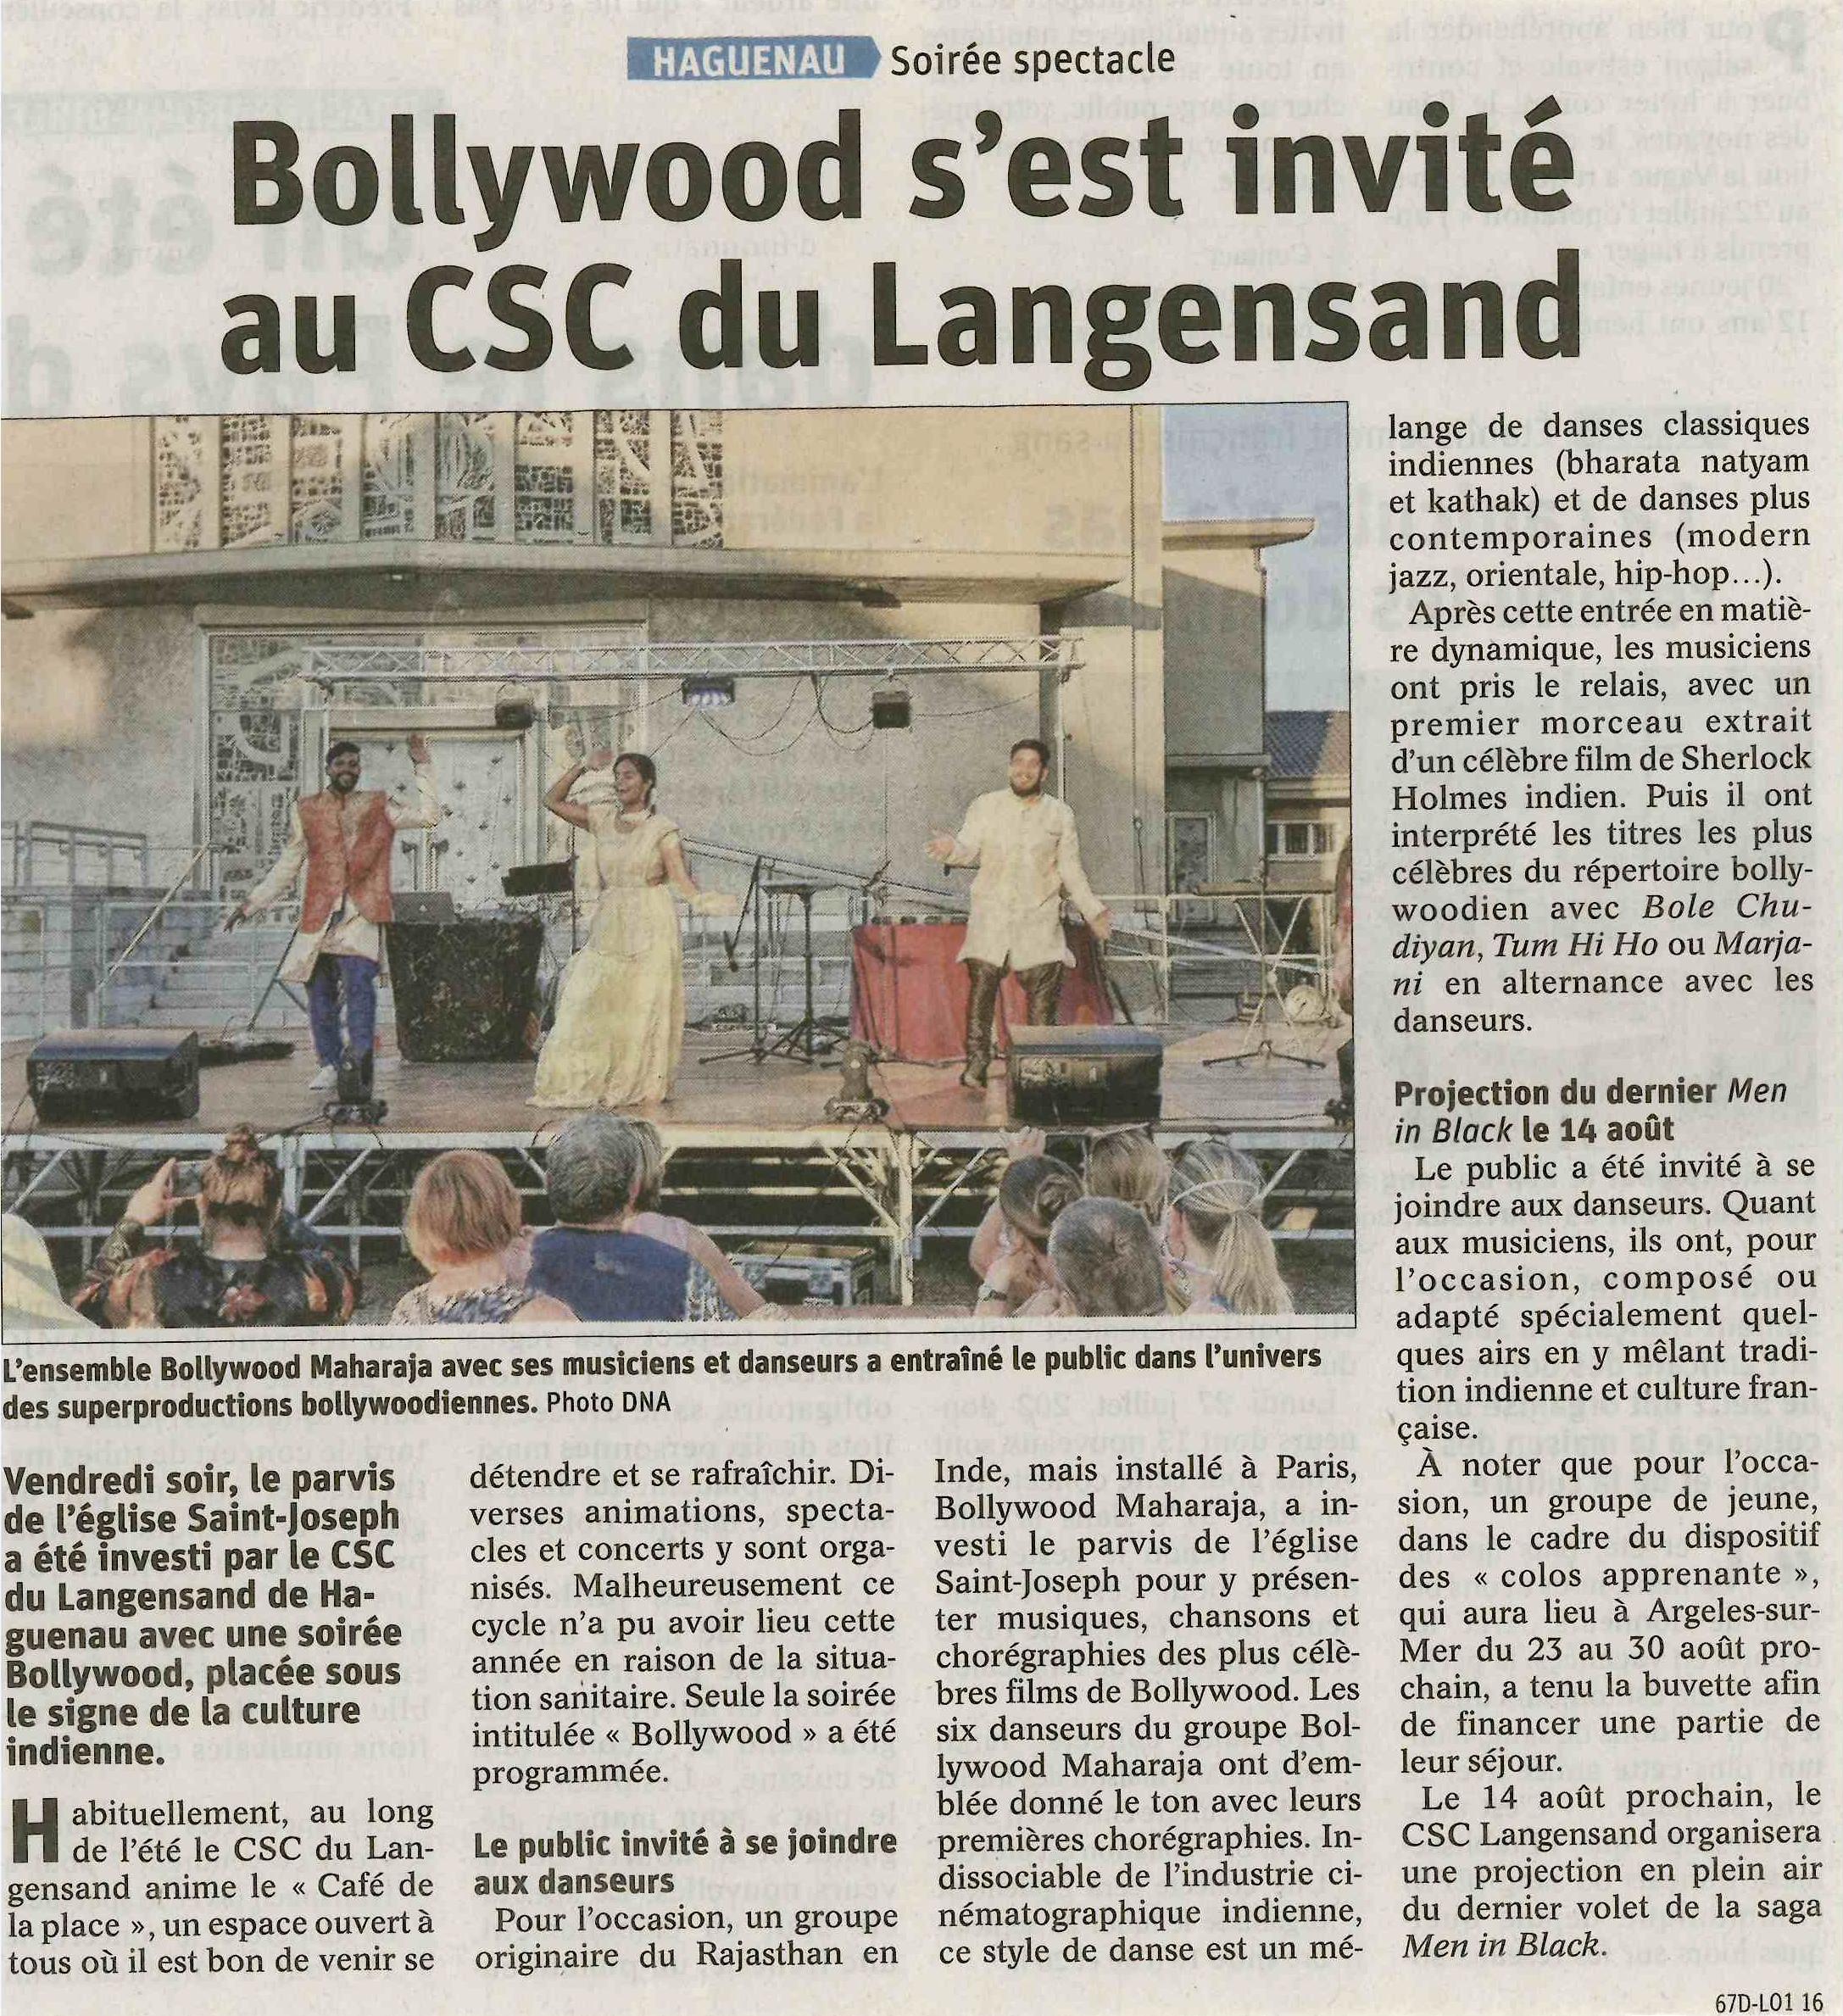 Bollywood s'est invité au CSC du Langensand - Article DNA